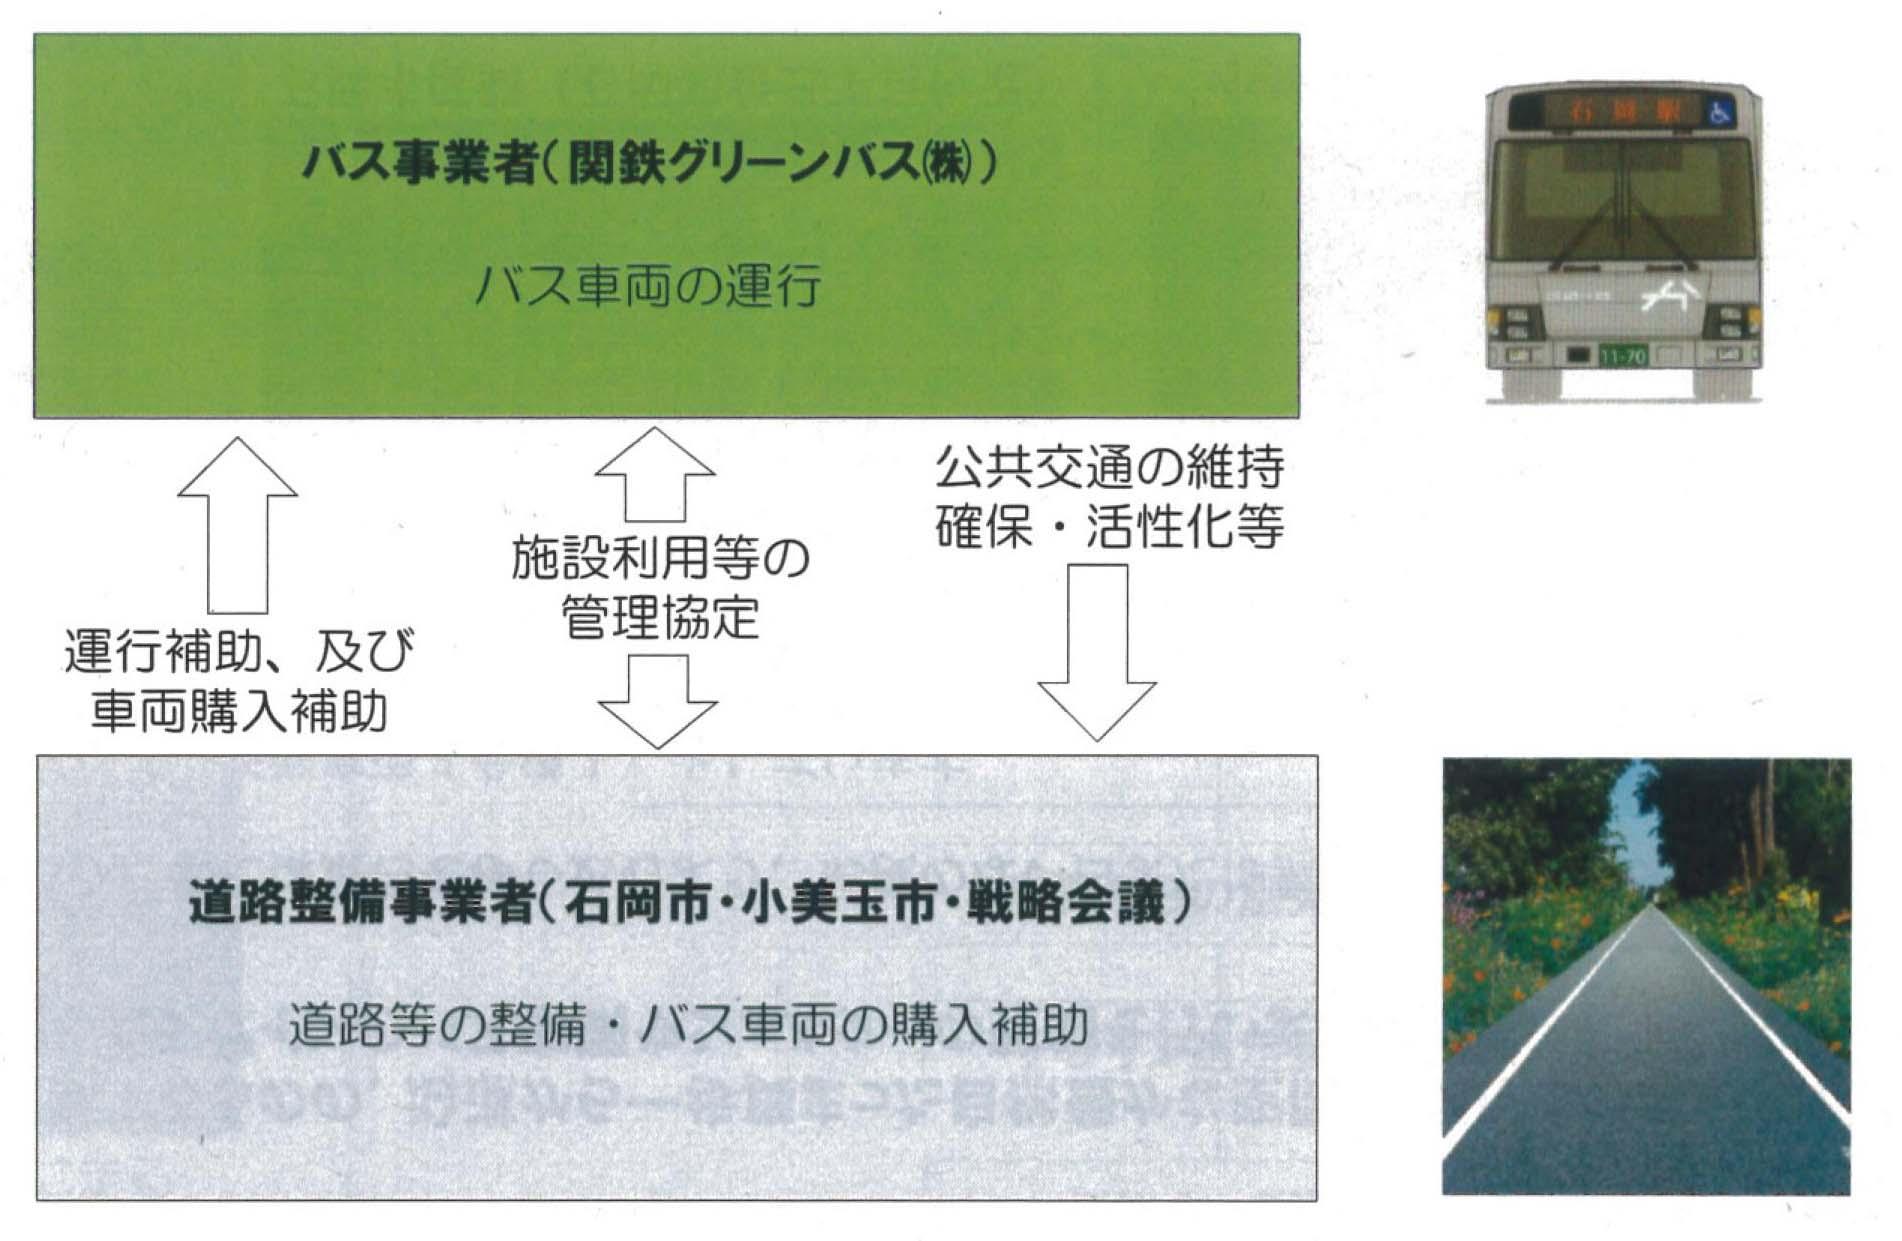 日本初のBRT「かしてつバス」(茨城県石岡市)の視察 その2_f0141310_8855100.jpg